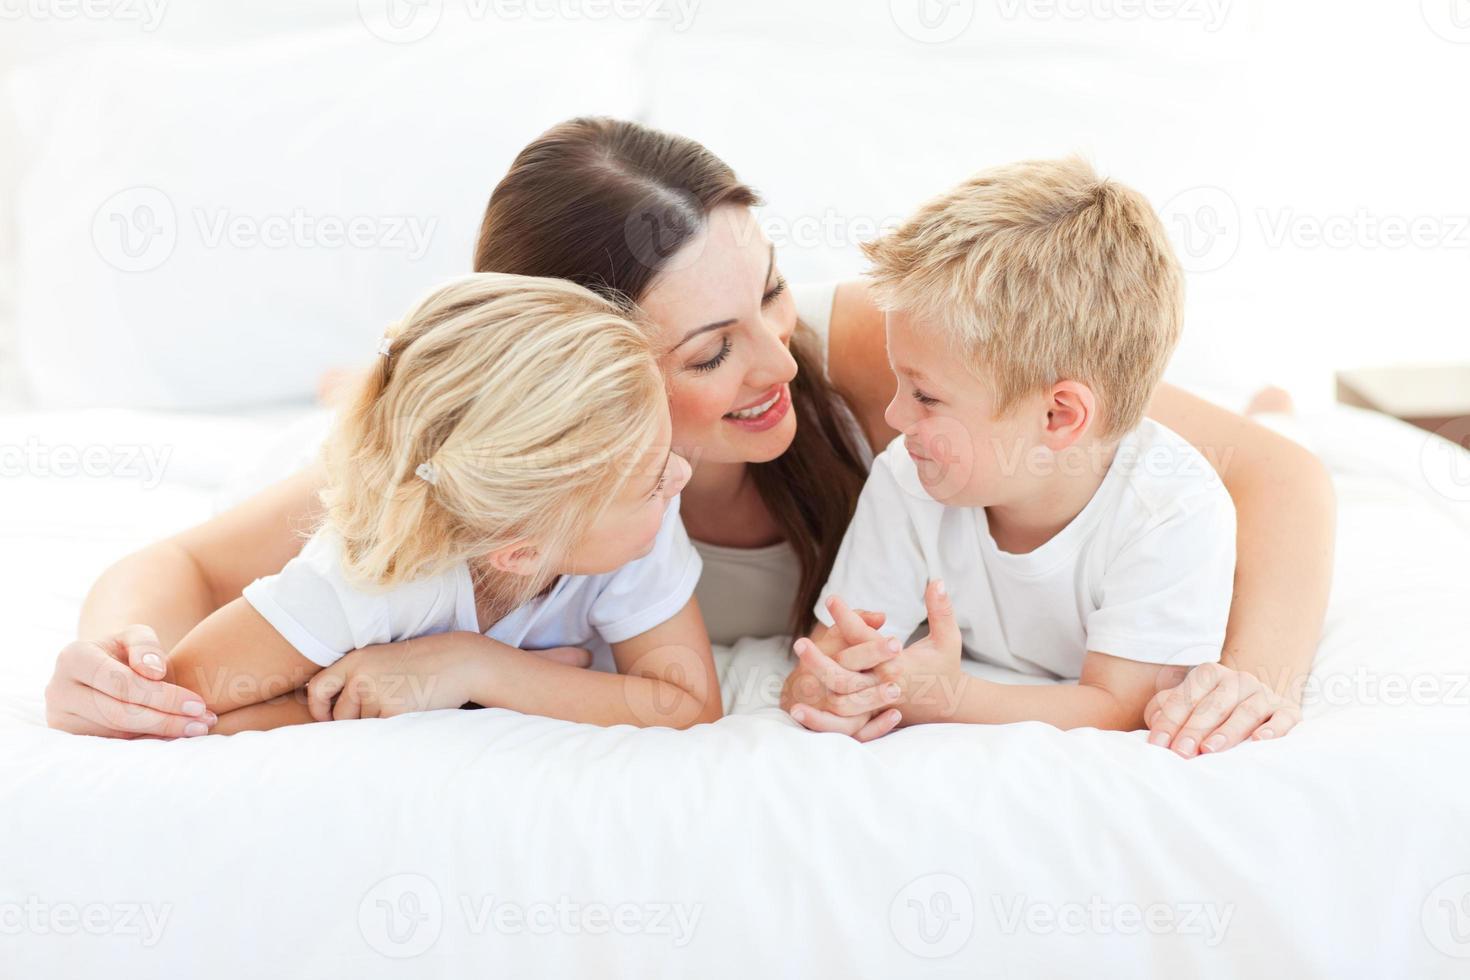 glada barn och deras mamma diskuterar liggande på en säng foto